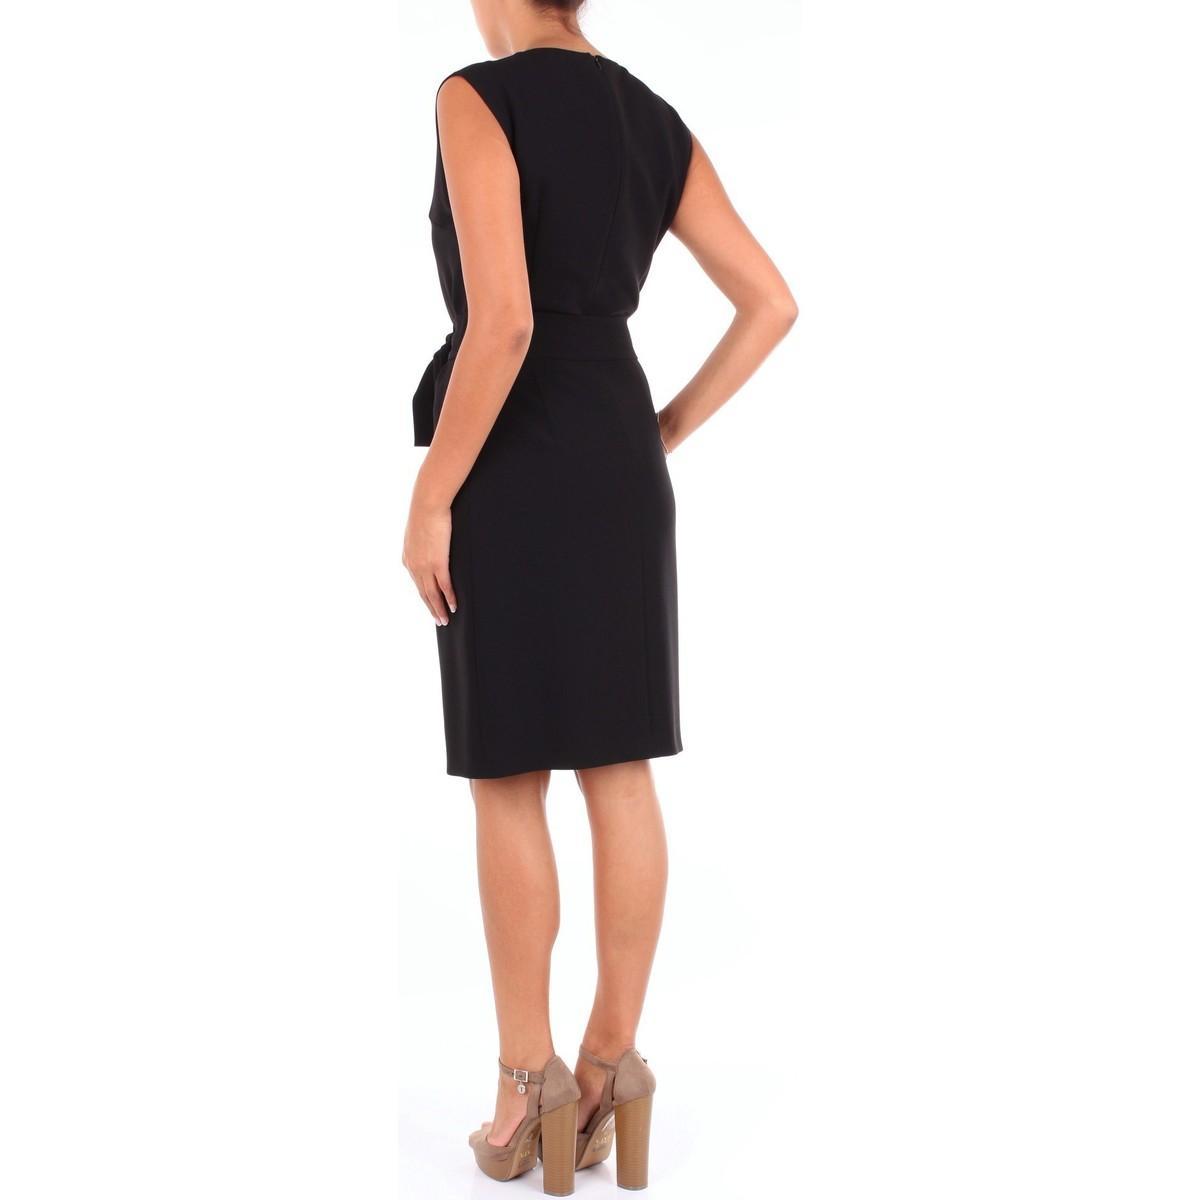 A04571124 femmes Robe en Noir Moschino en coloris Noir